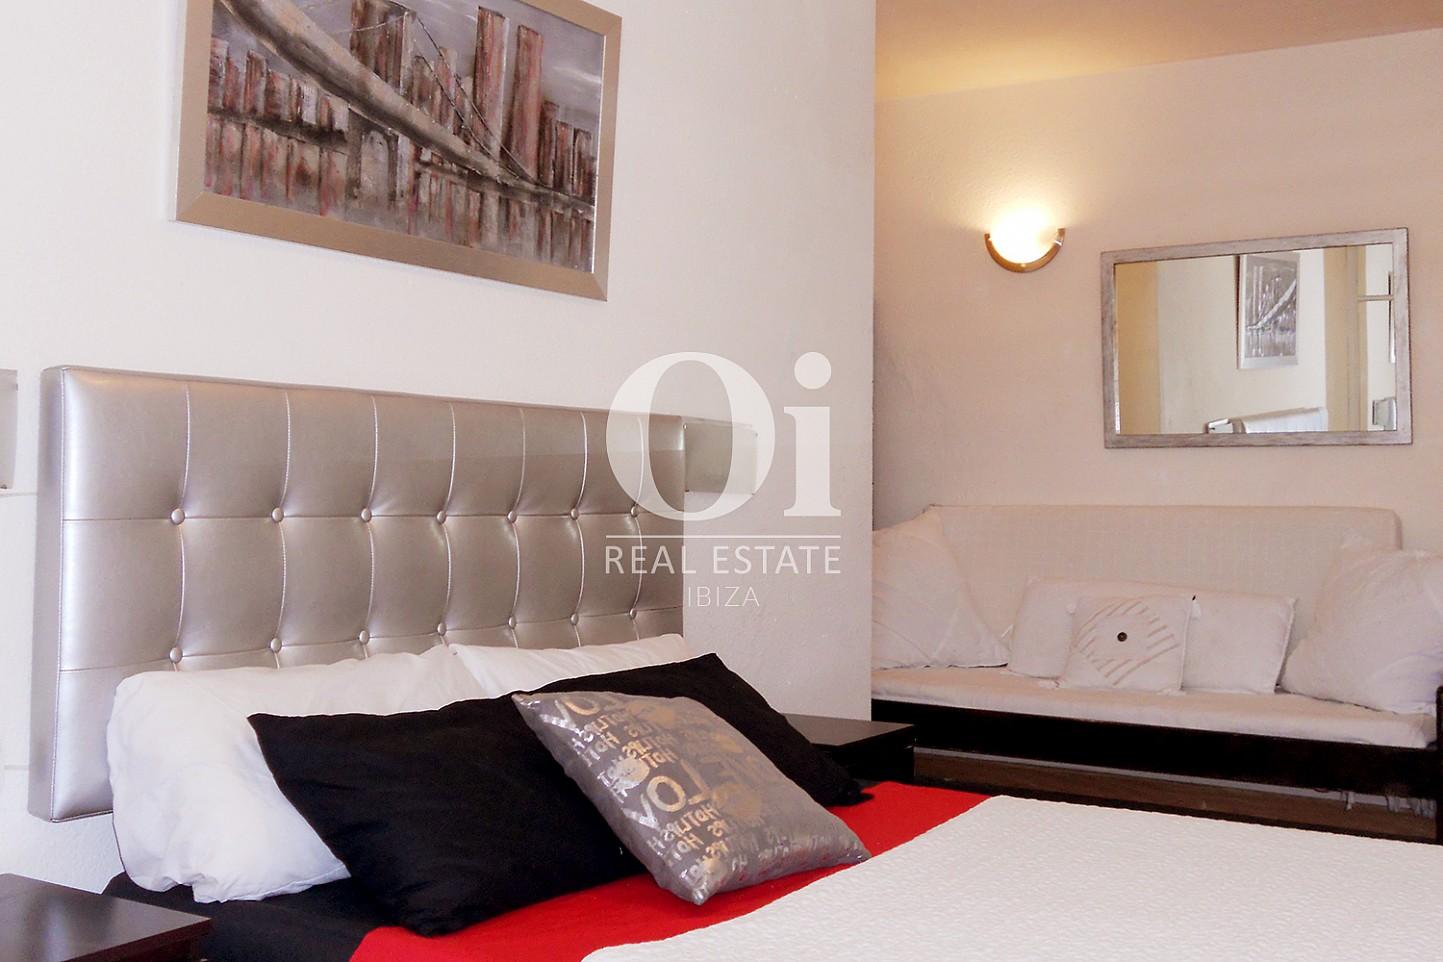 Chambre double d'appartement à louer à Marina Botafoch, Ibiza